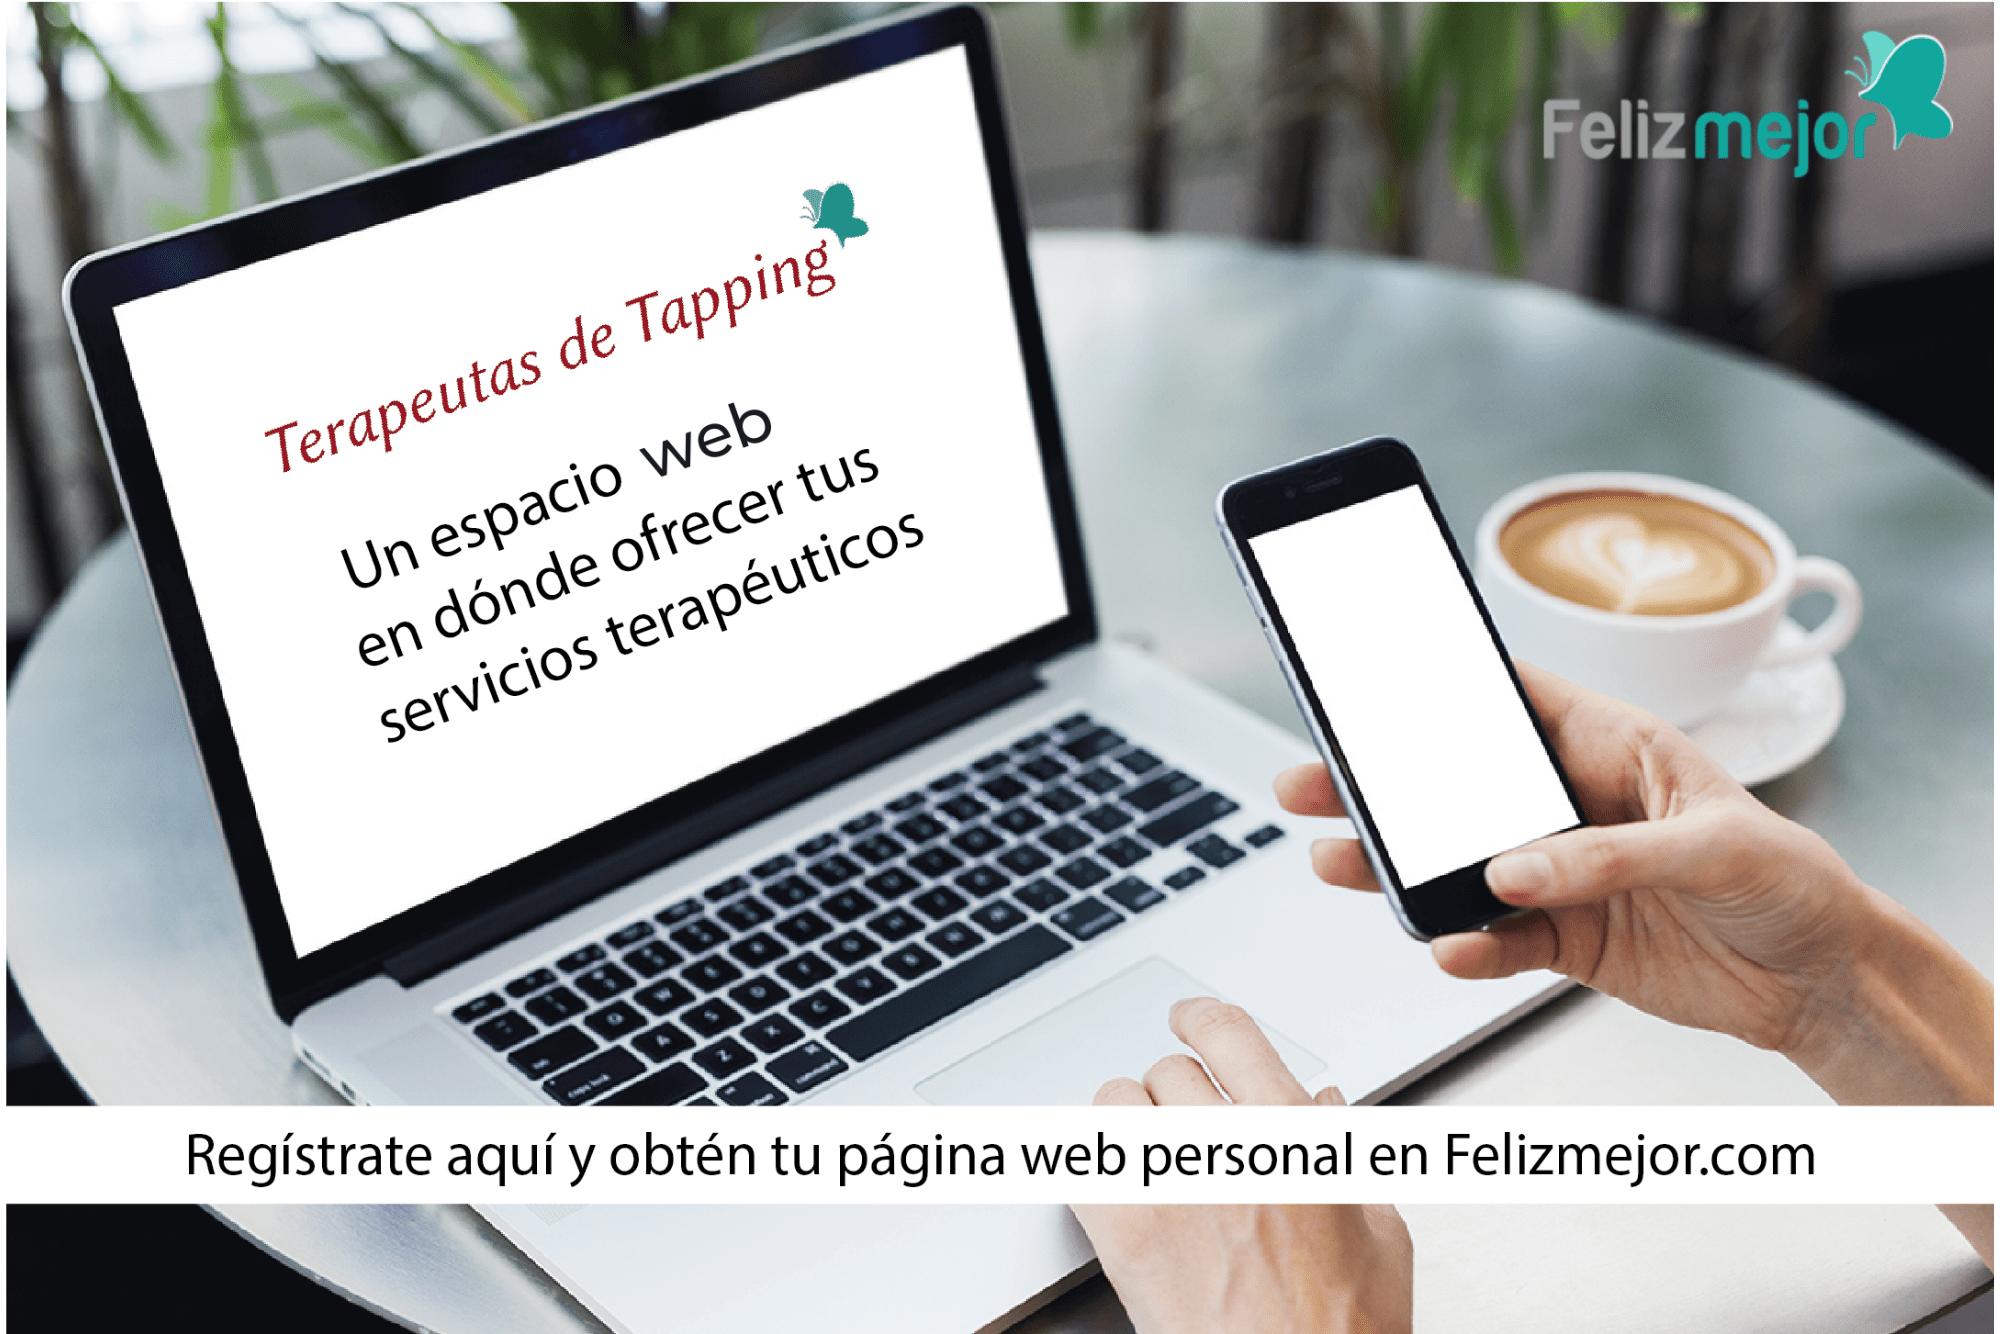 Crea tu página web como Terapeuta de Tapping